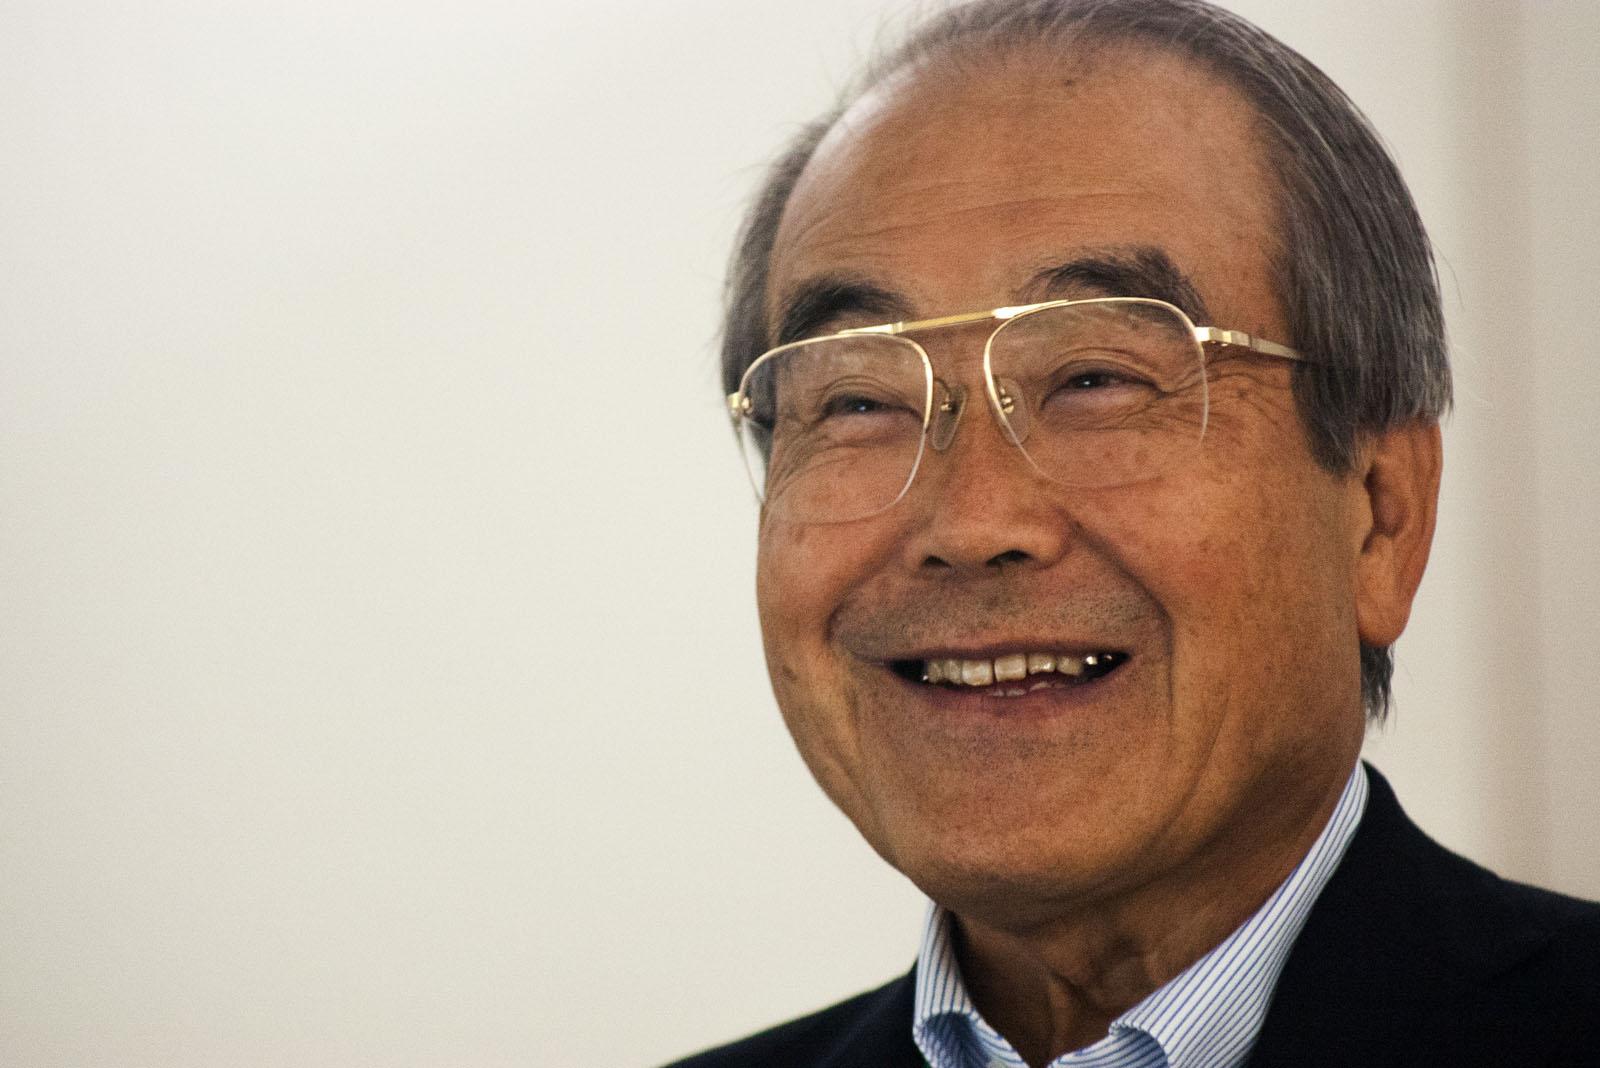 Ayao Tsuge